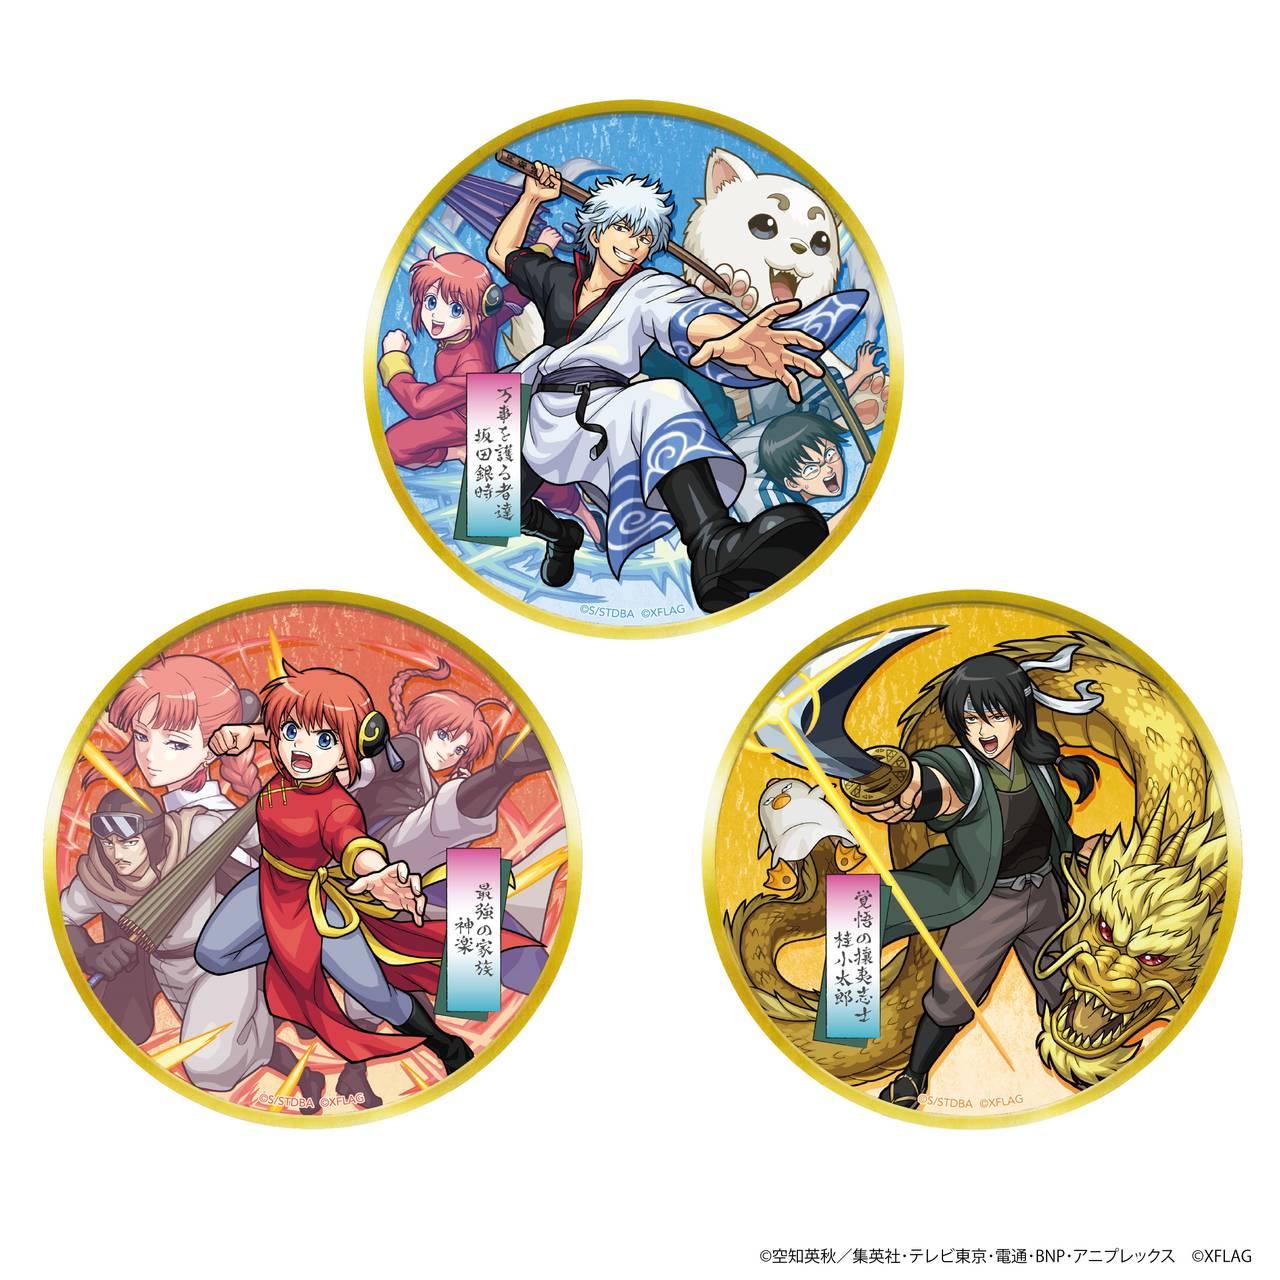 『銀魂』×『モンスト』コラボCM第2弾16